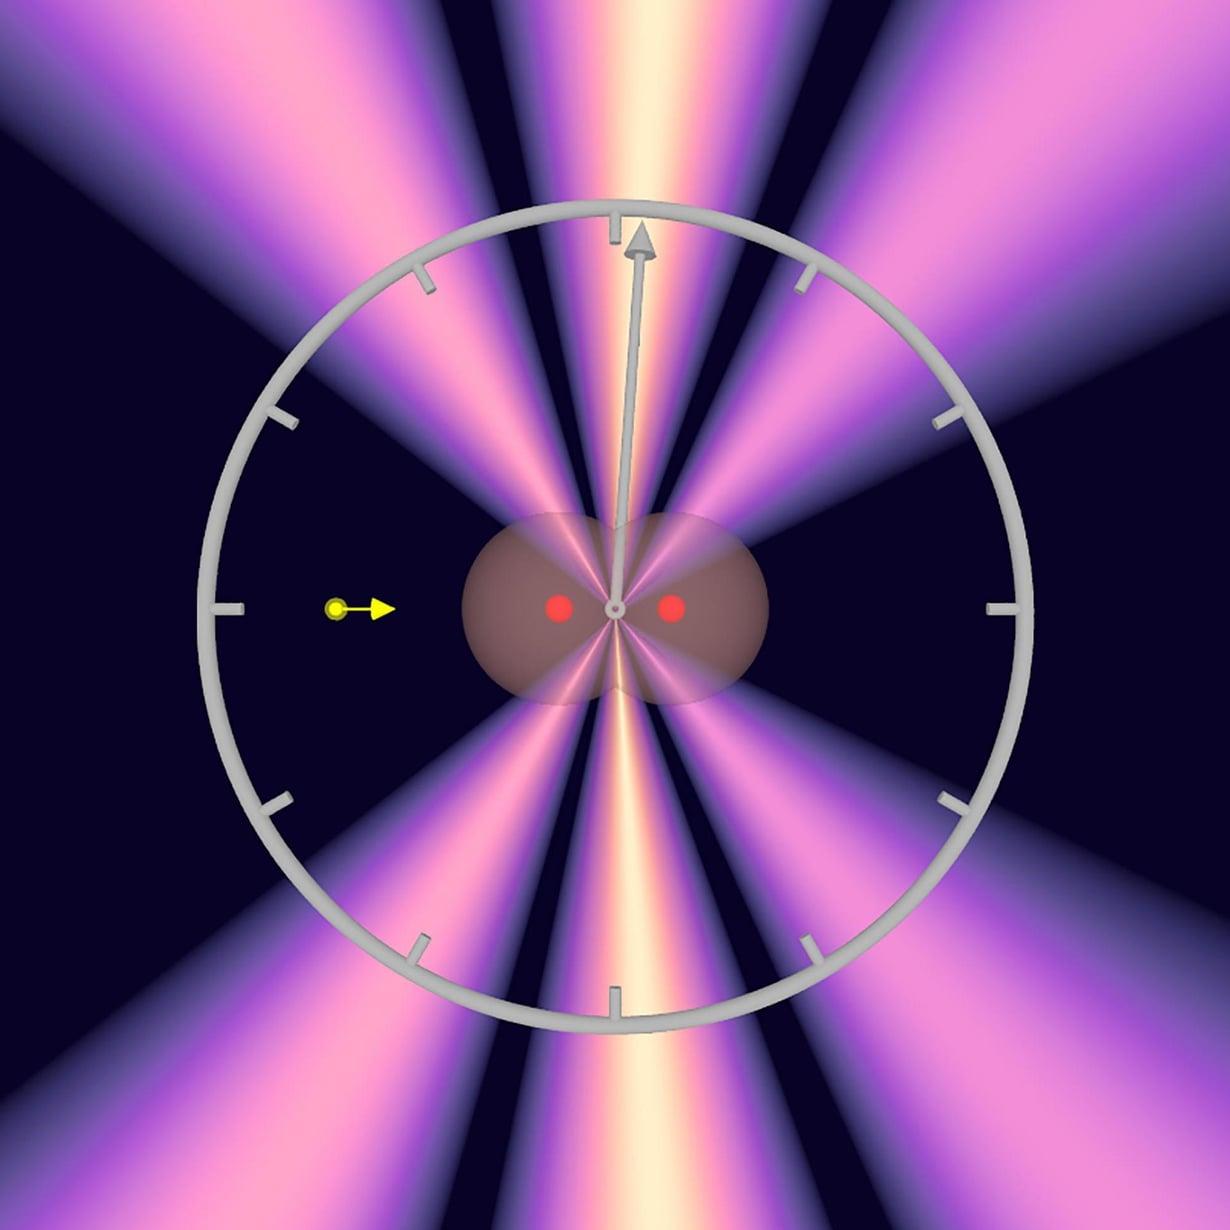 Keltaisella merkitty fotoni tulee vasemmalta kohti kahta vetyatomia, joiden ydin on merkitty punaisella pisteellä. Fotoni synnyttää elektronipilvessä (harmaa) aaltoja. Niiden kuviosta tutkijat voivat laskea, miten nopeasti fotoni kulkee vetyatomista toiseen. Havainnekuva: Sven Grundmann/Goethe University Frankfurt